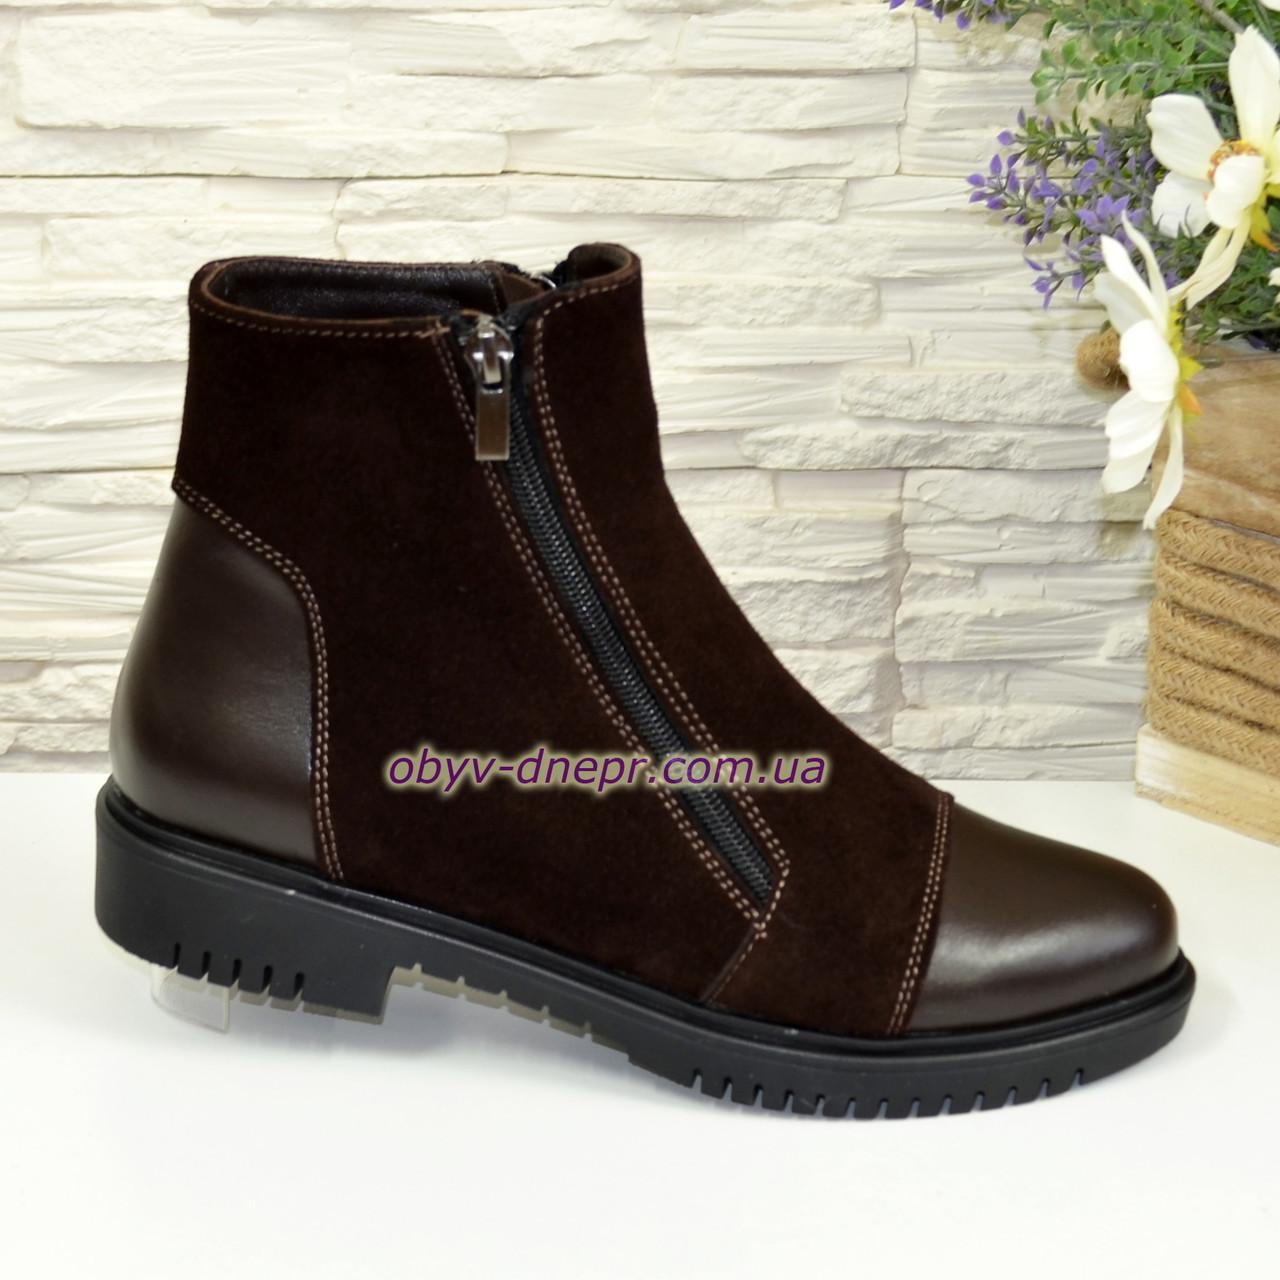 004b2392 Ботинки зимние женские на низком ходу, из натуральной кожи и замши  коричневого цвета, ...